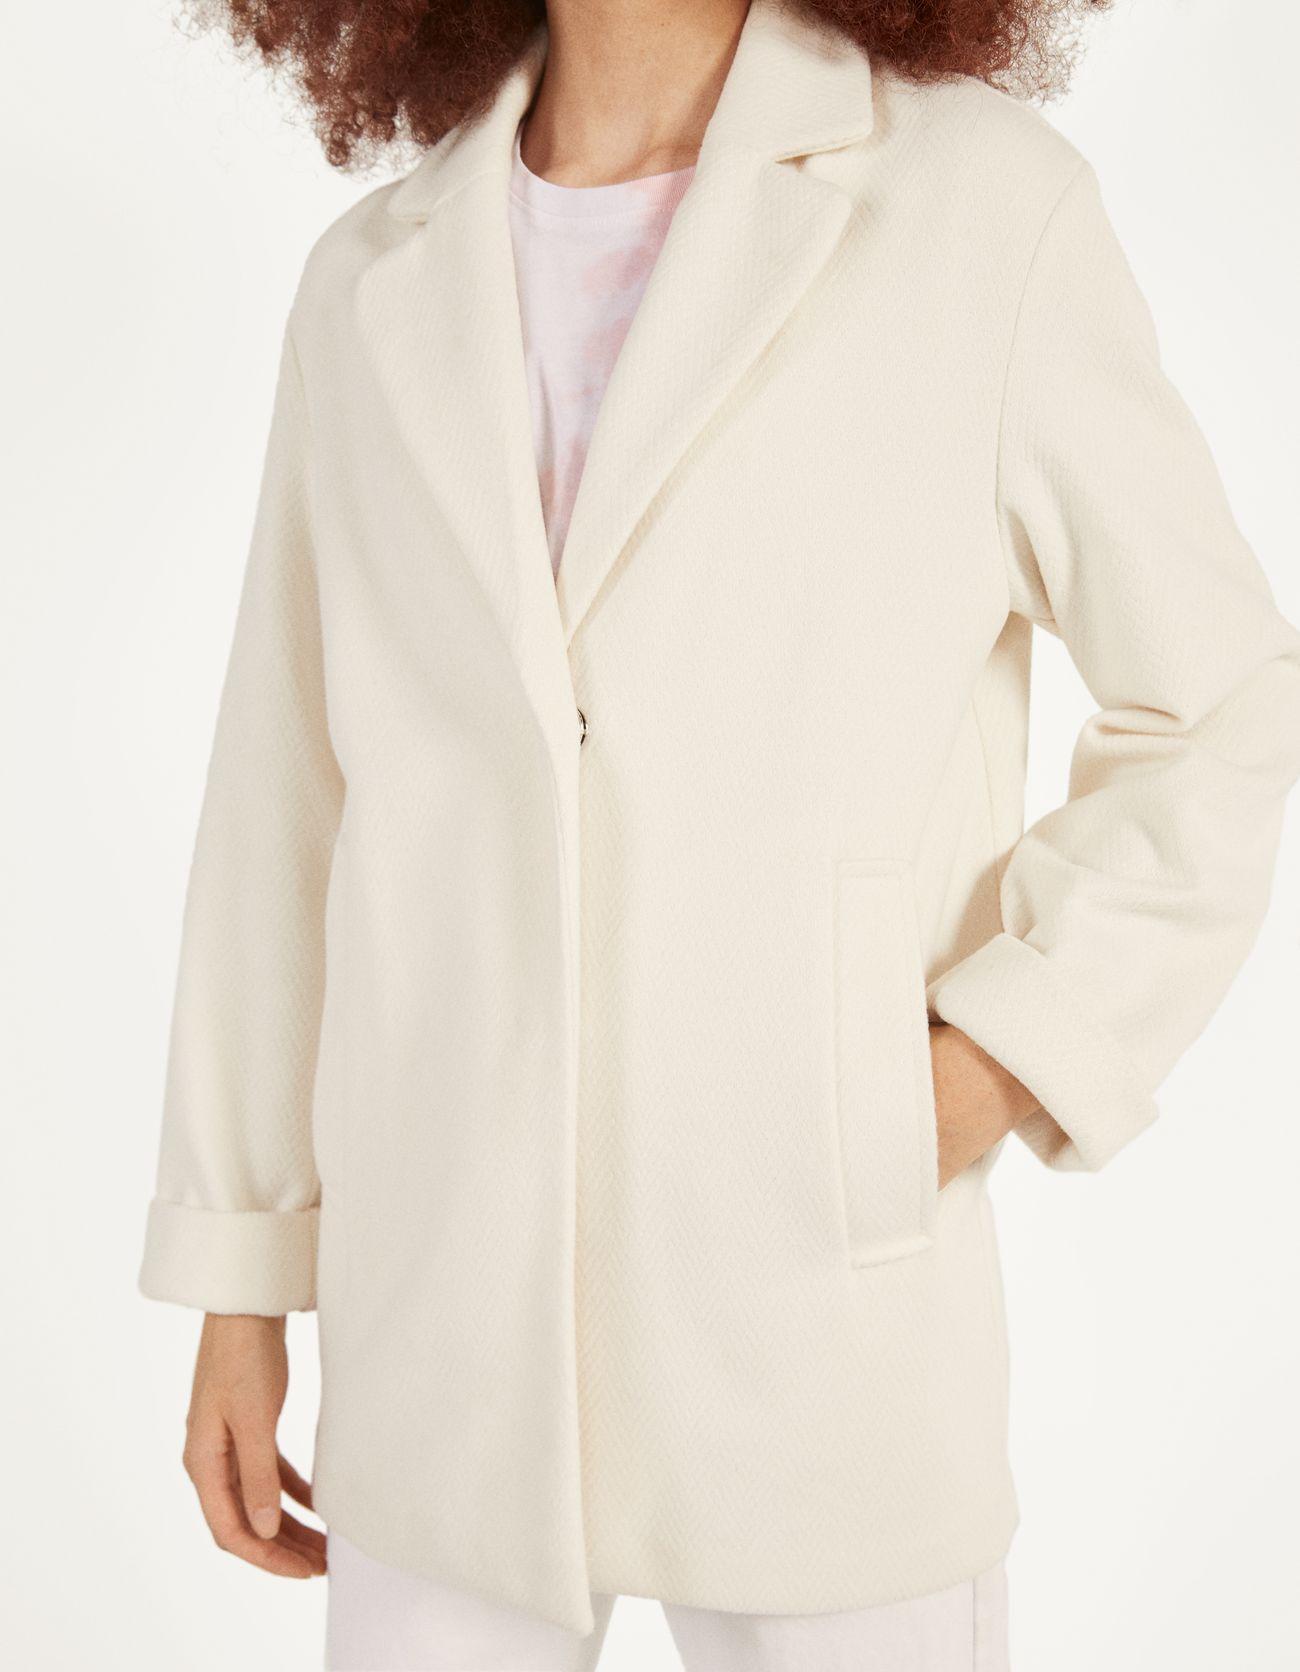 Пальто в мужском стиле Бежевый Bershka